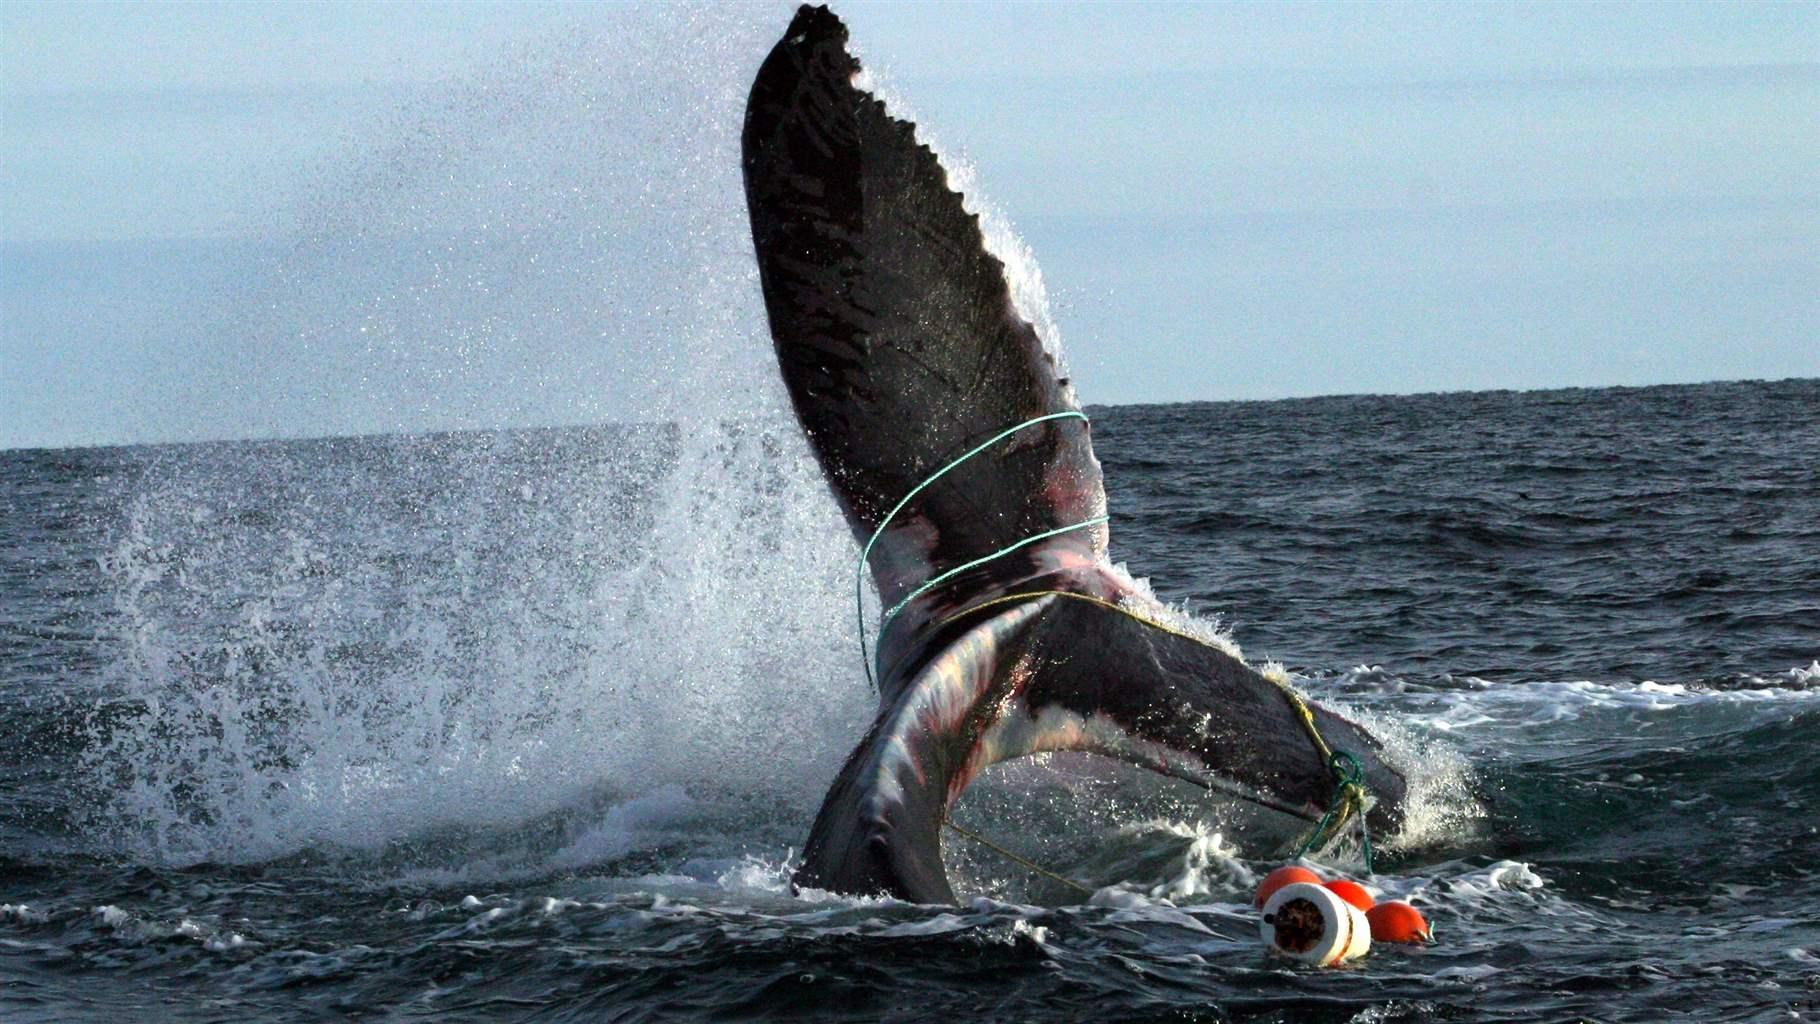 S.E.A: Travailler avec les pêcheurs pour la protection des cétacés.